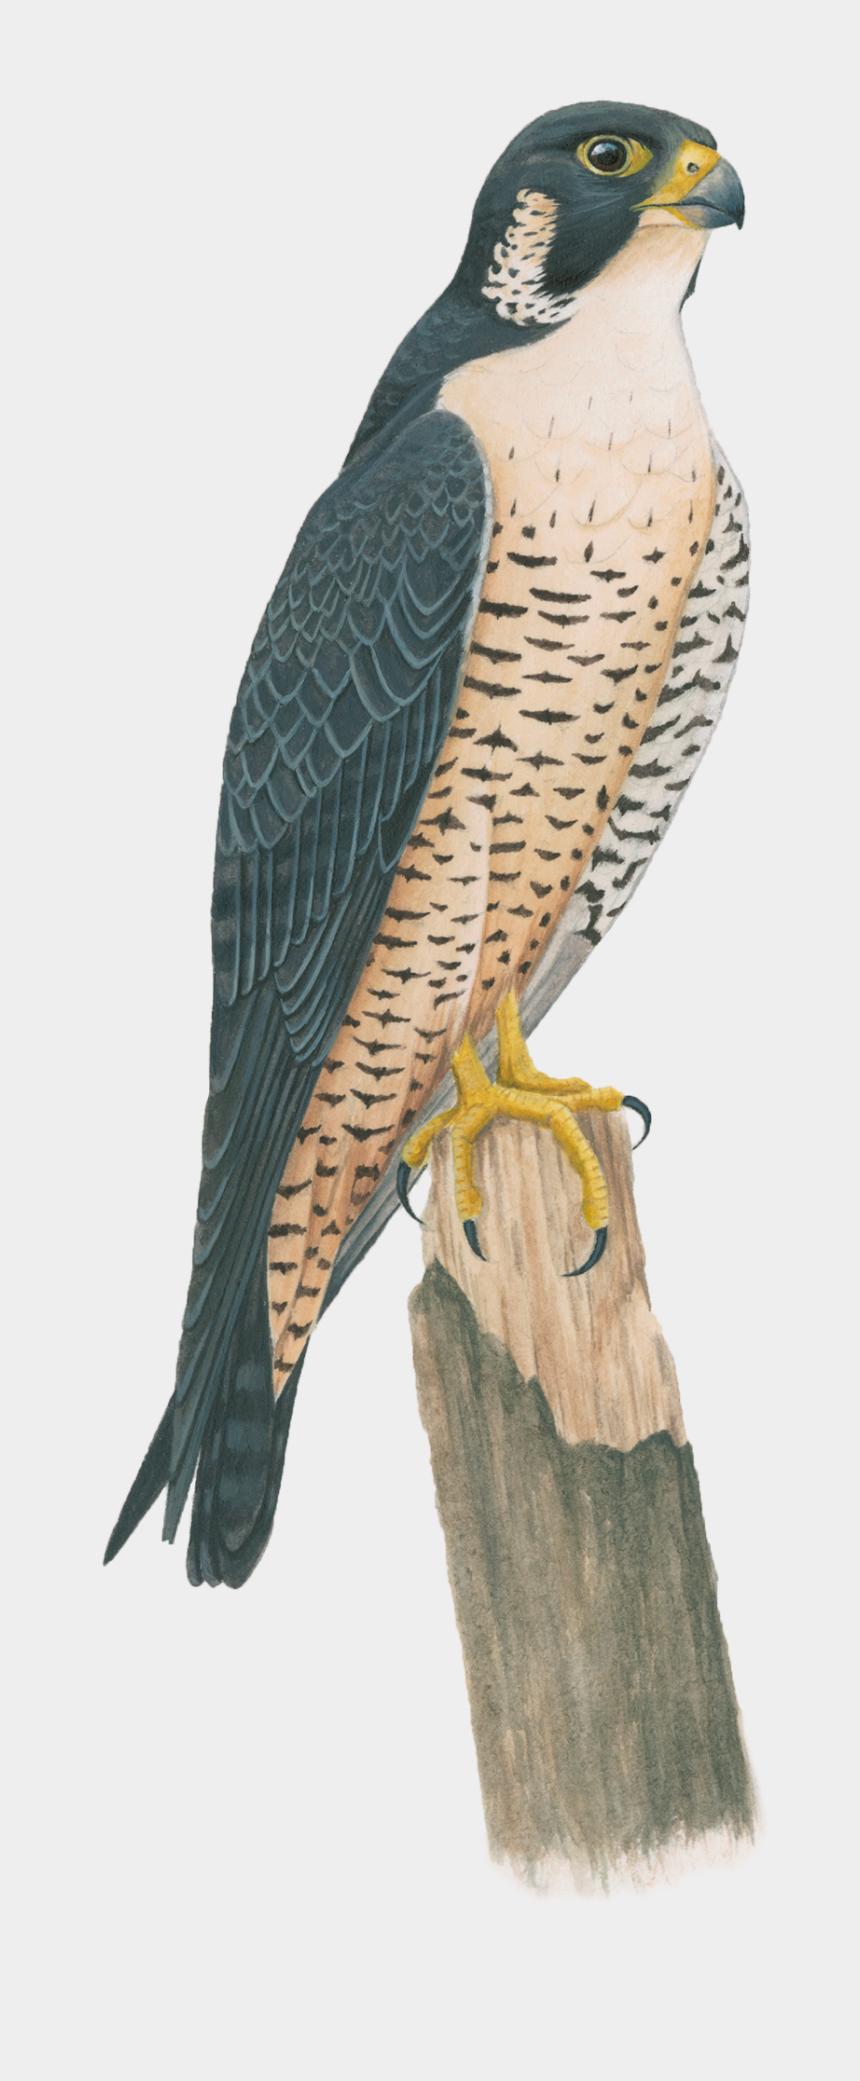 clipart of falcons, Cartoons - Hawk Clipart Peregrine - Peregrine Falcon